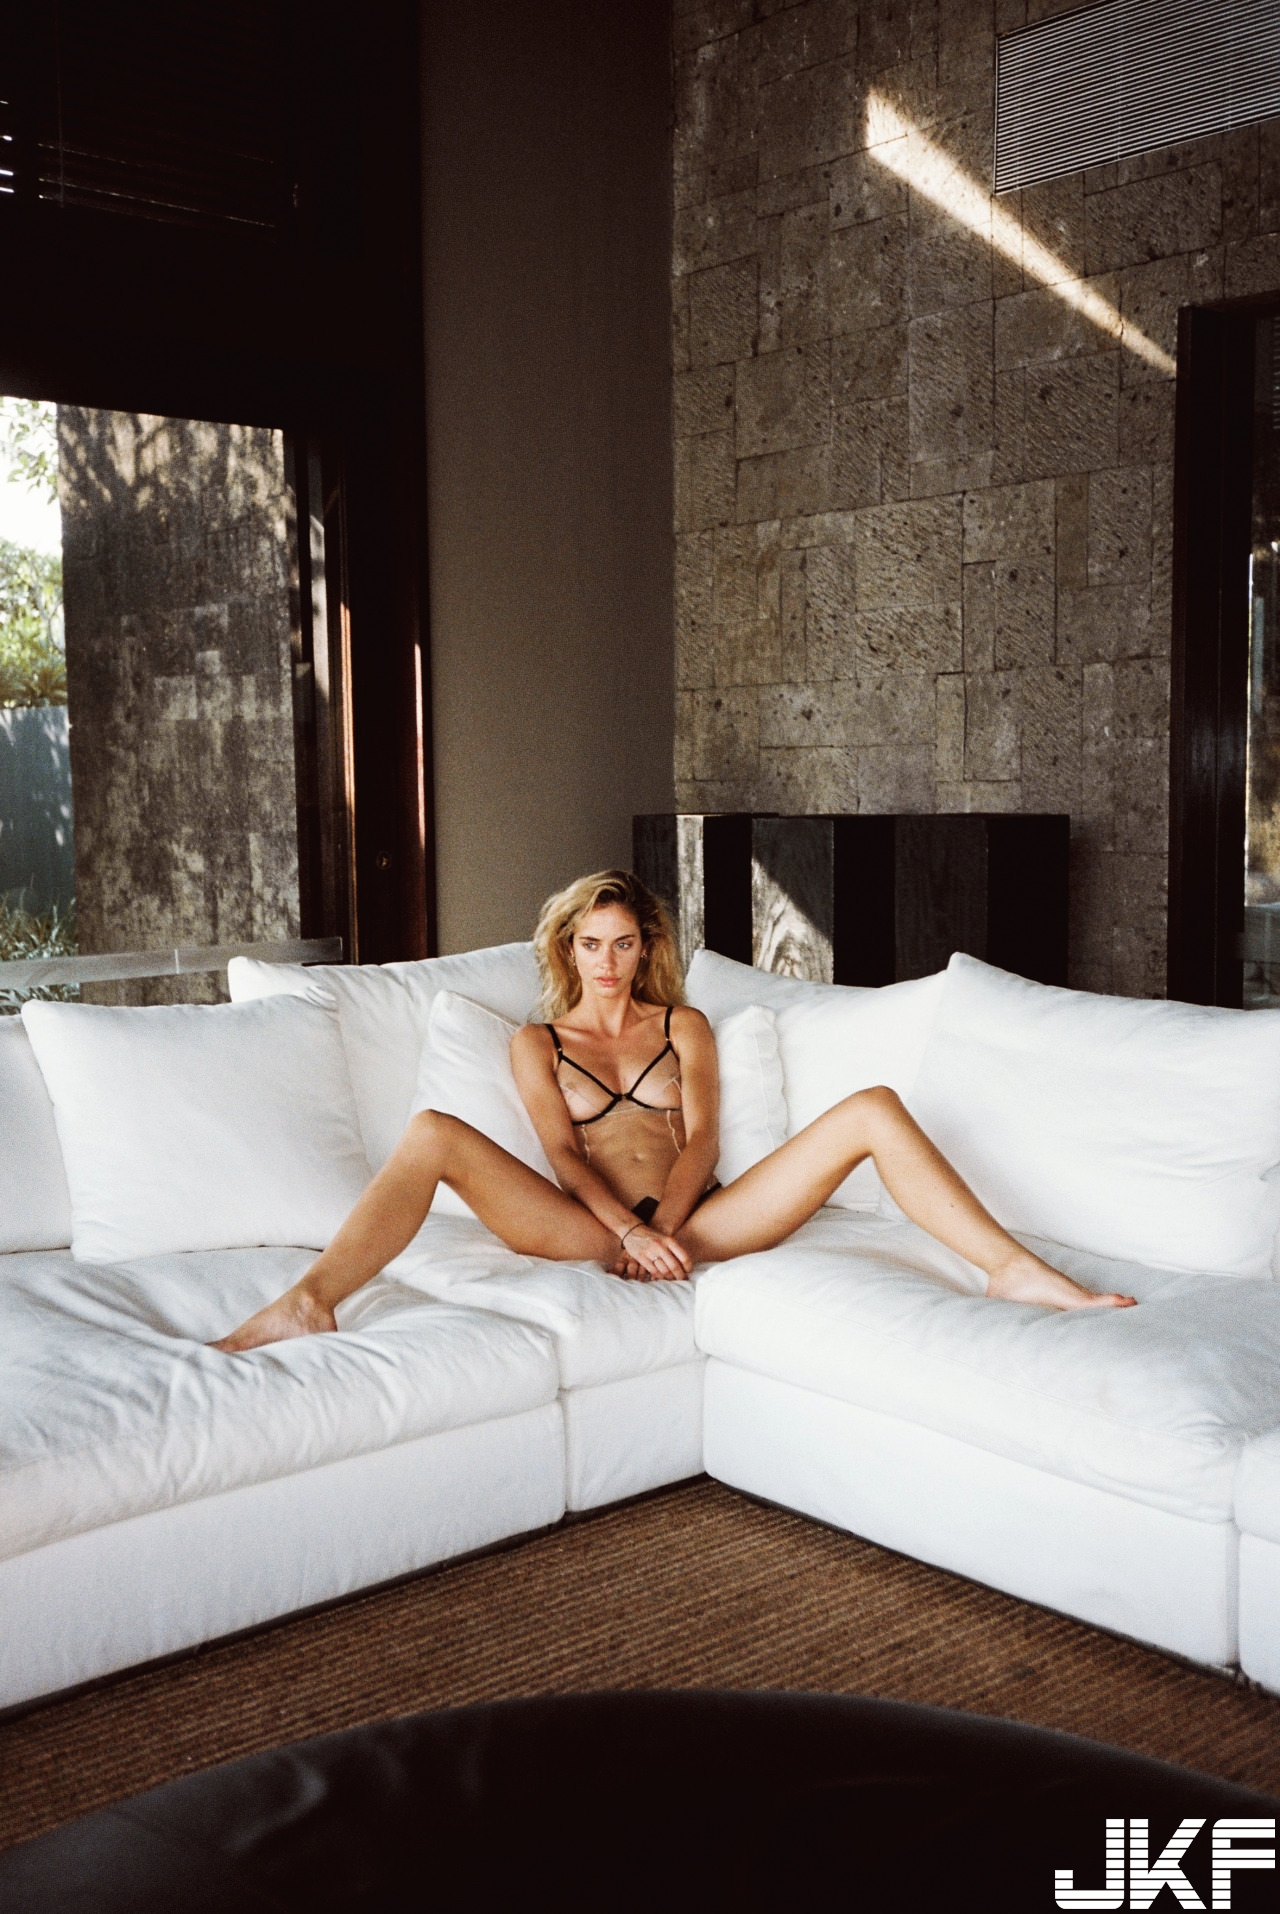 Kelly Spronk 荷蘭模特兒 - 歐美美女 -